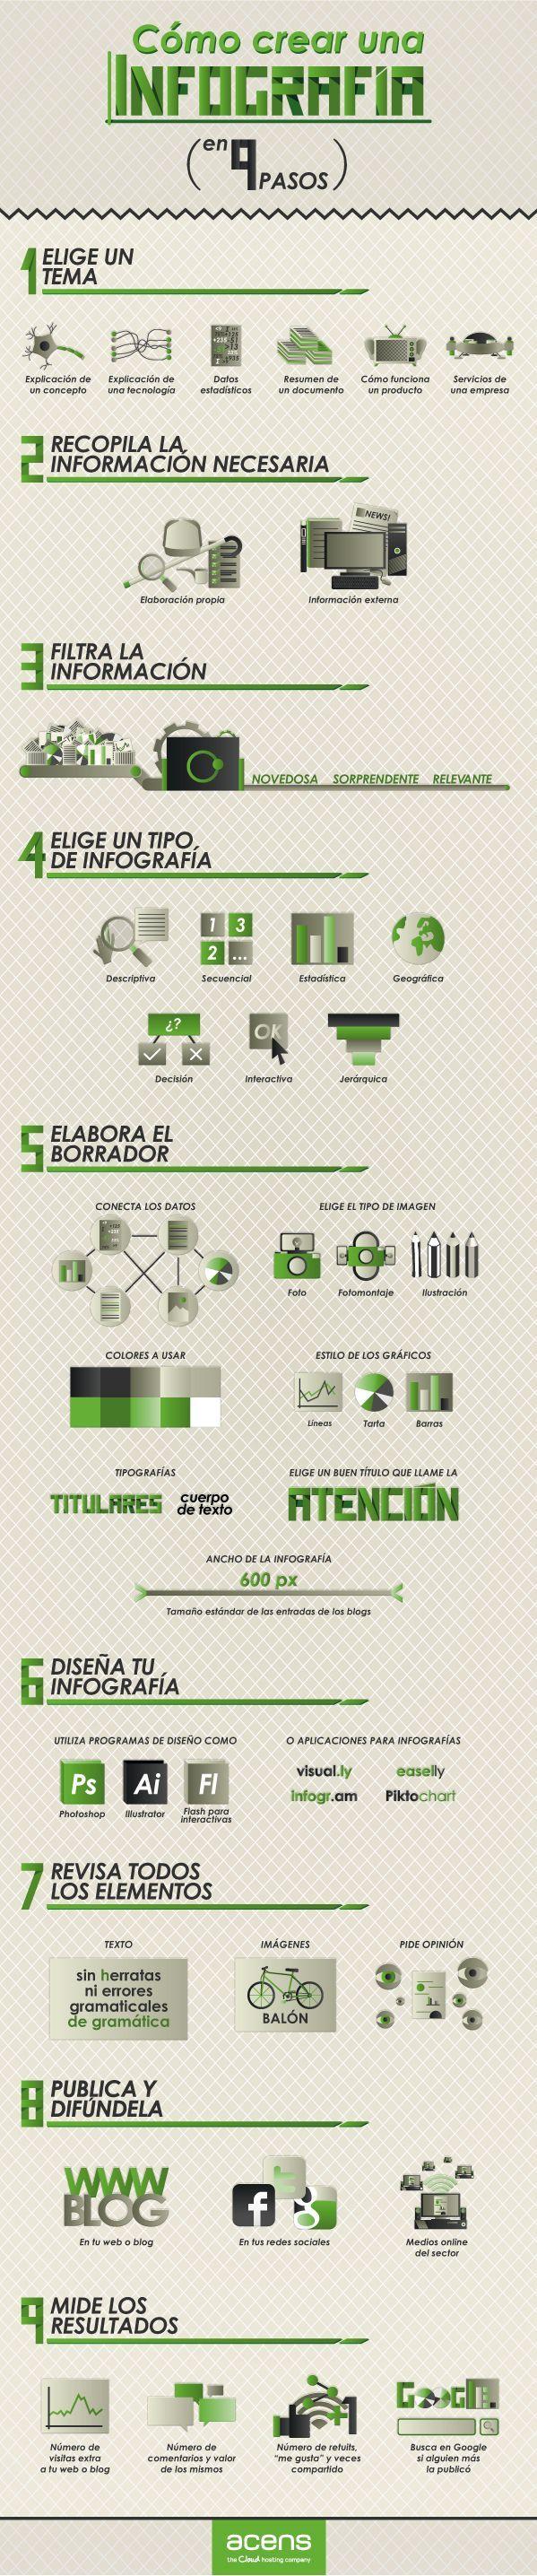 Cómo crear tus propias infografías | GeeksRoom